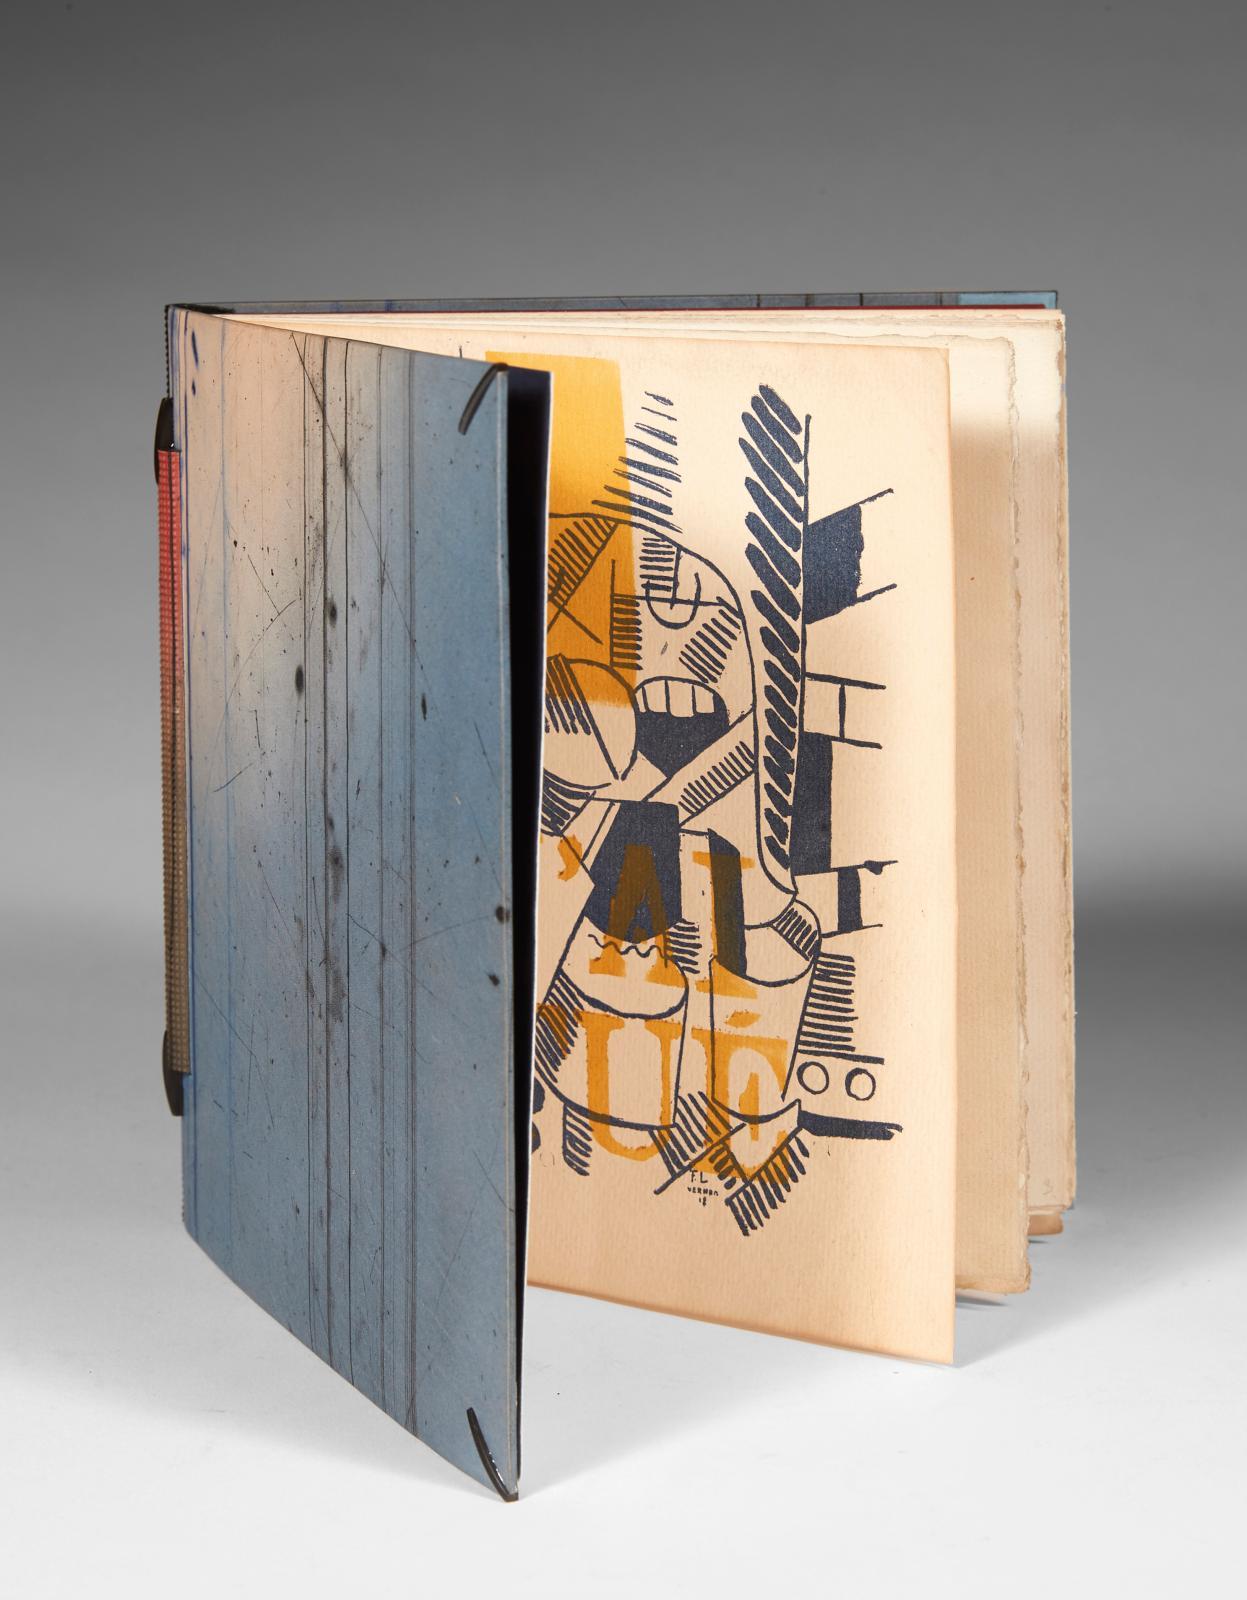 Blaise Cendrars (1887-1961) - Fernand Léger (1881-1955), J'ai tué, Paris, La Belle Édition, 1918; un volume de l'édition originale, in-8° carré; rel